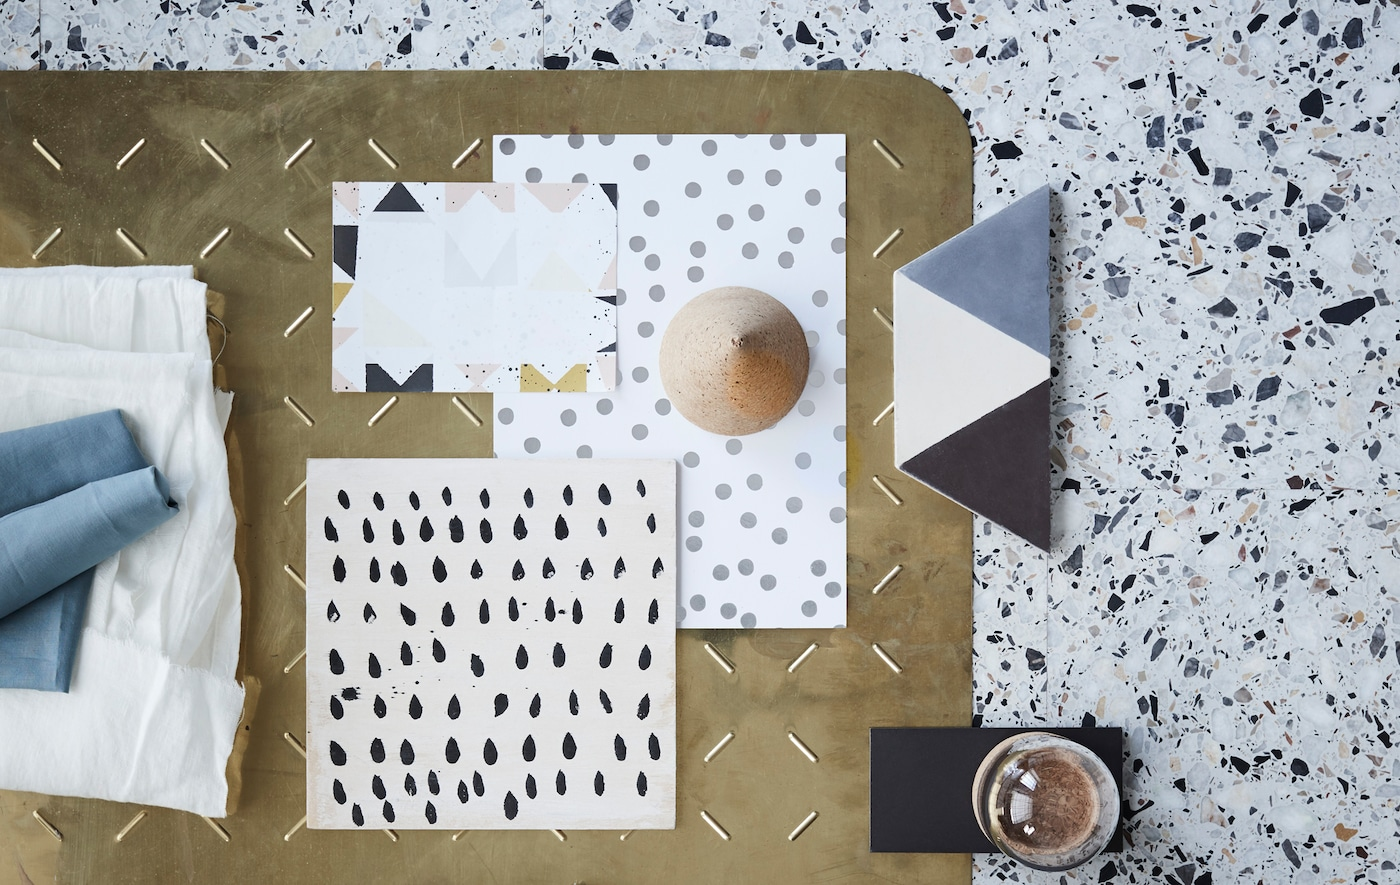 Collage de productos IKEA con texturas orgánicas y estampados gráficos, incluido un papel de notas con puntos.